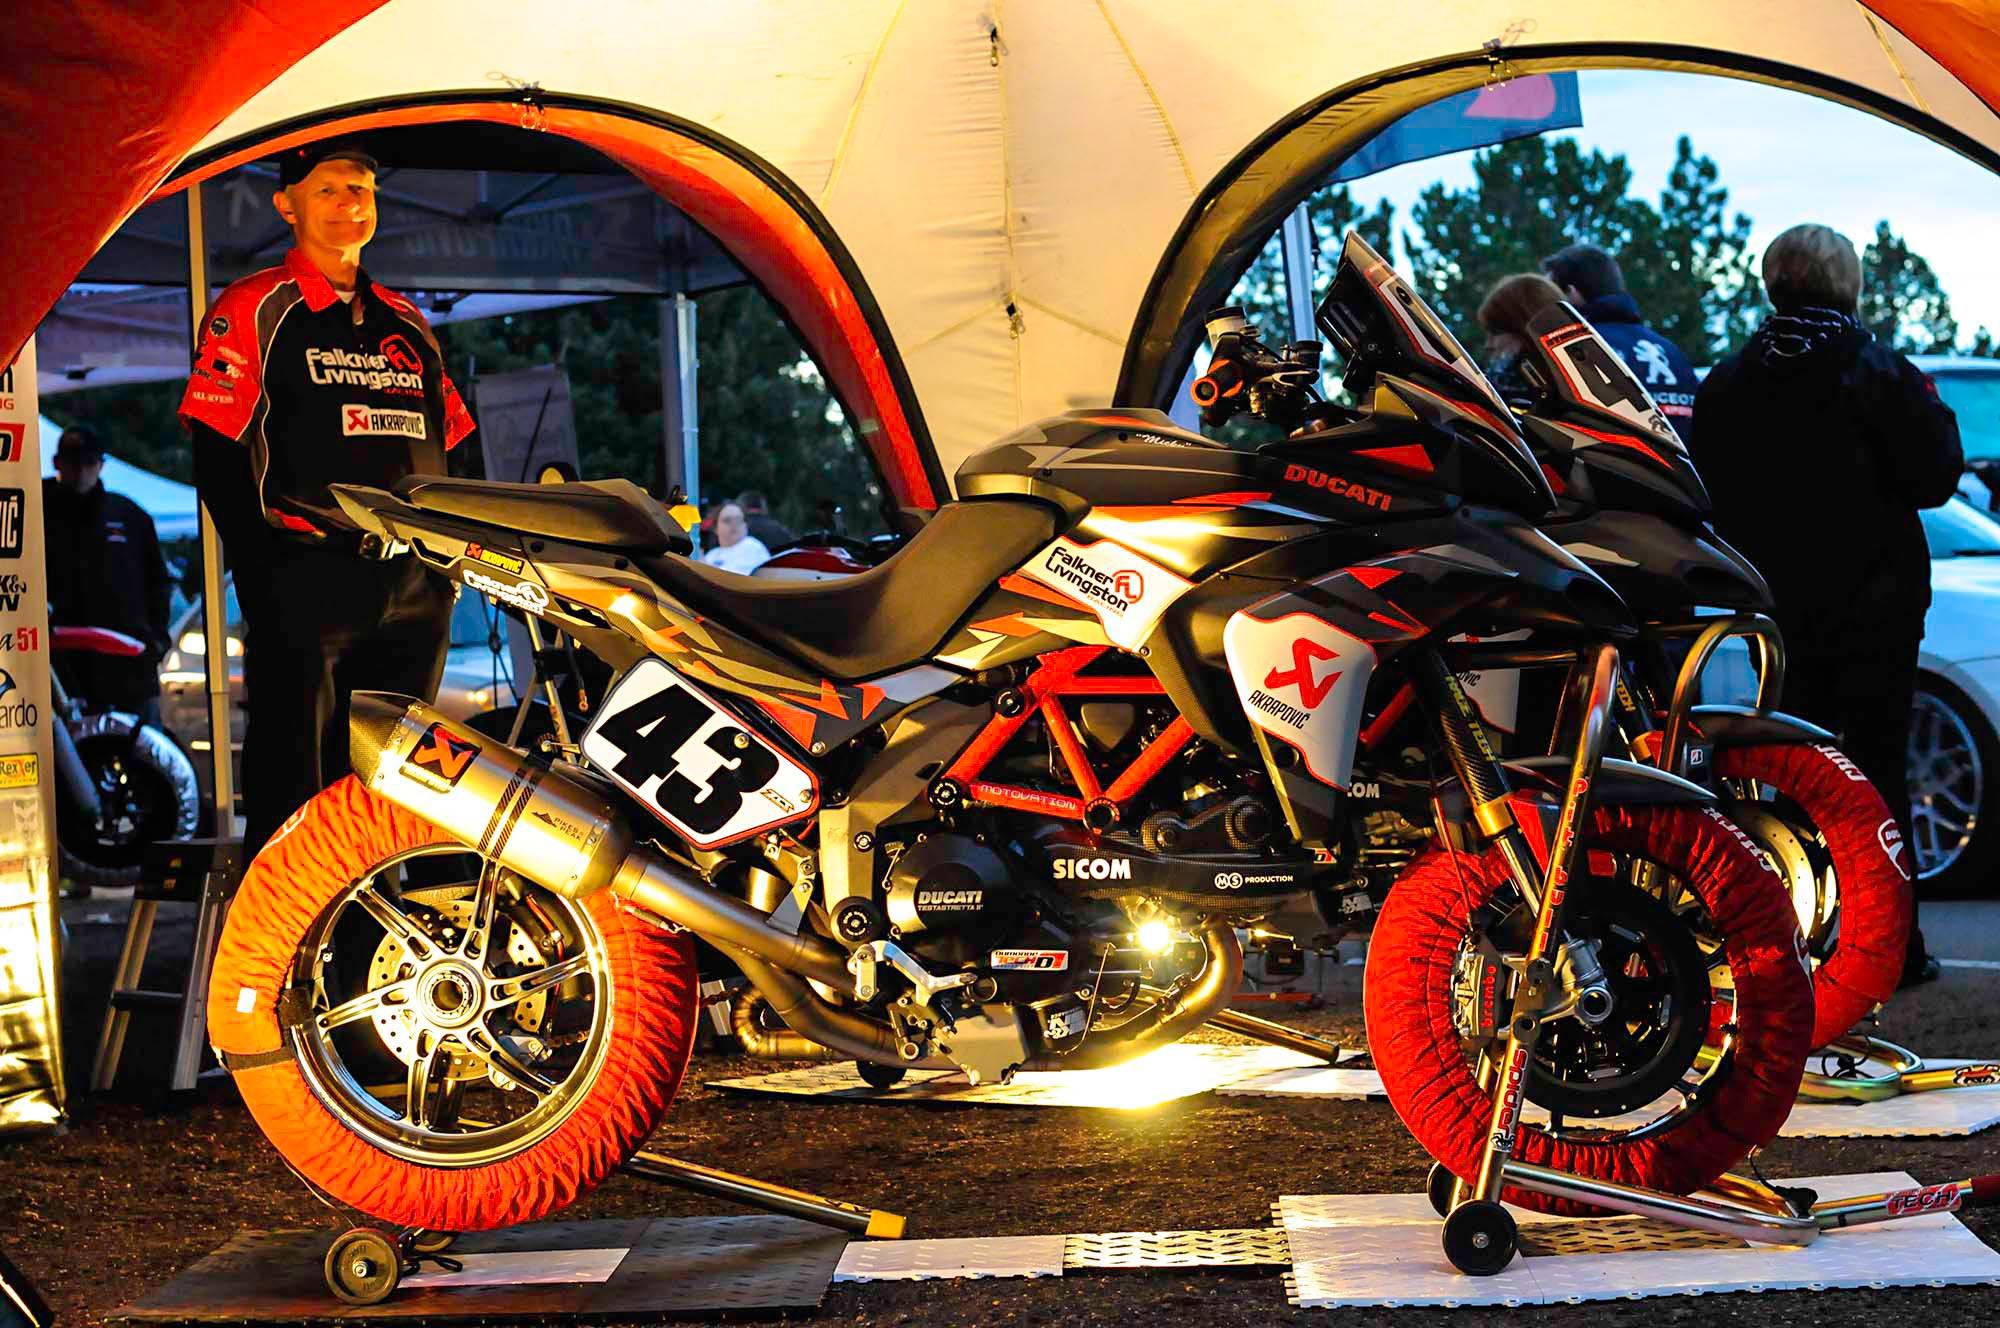 spider-grips-ducati-multistrada-1200-s-pikes-peak-race-bike-03.jpg